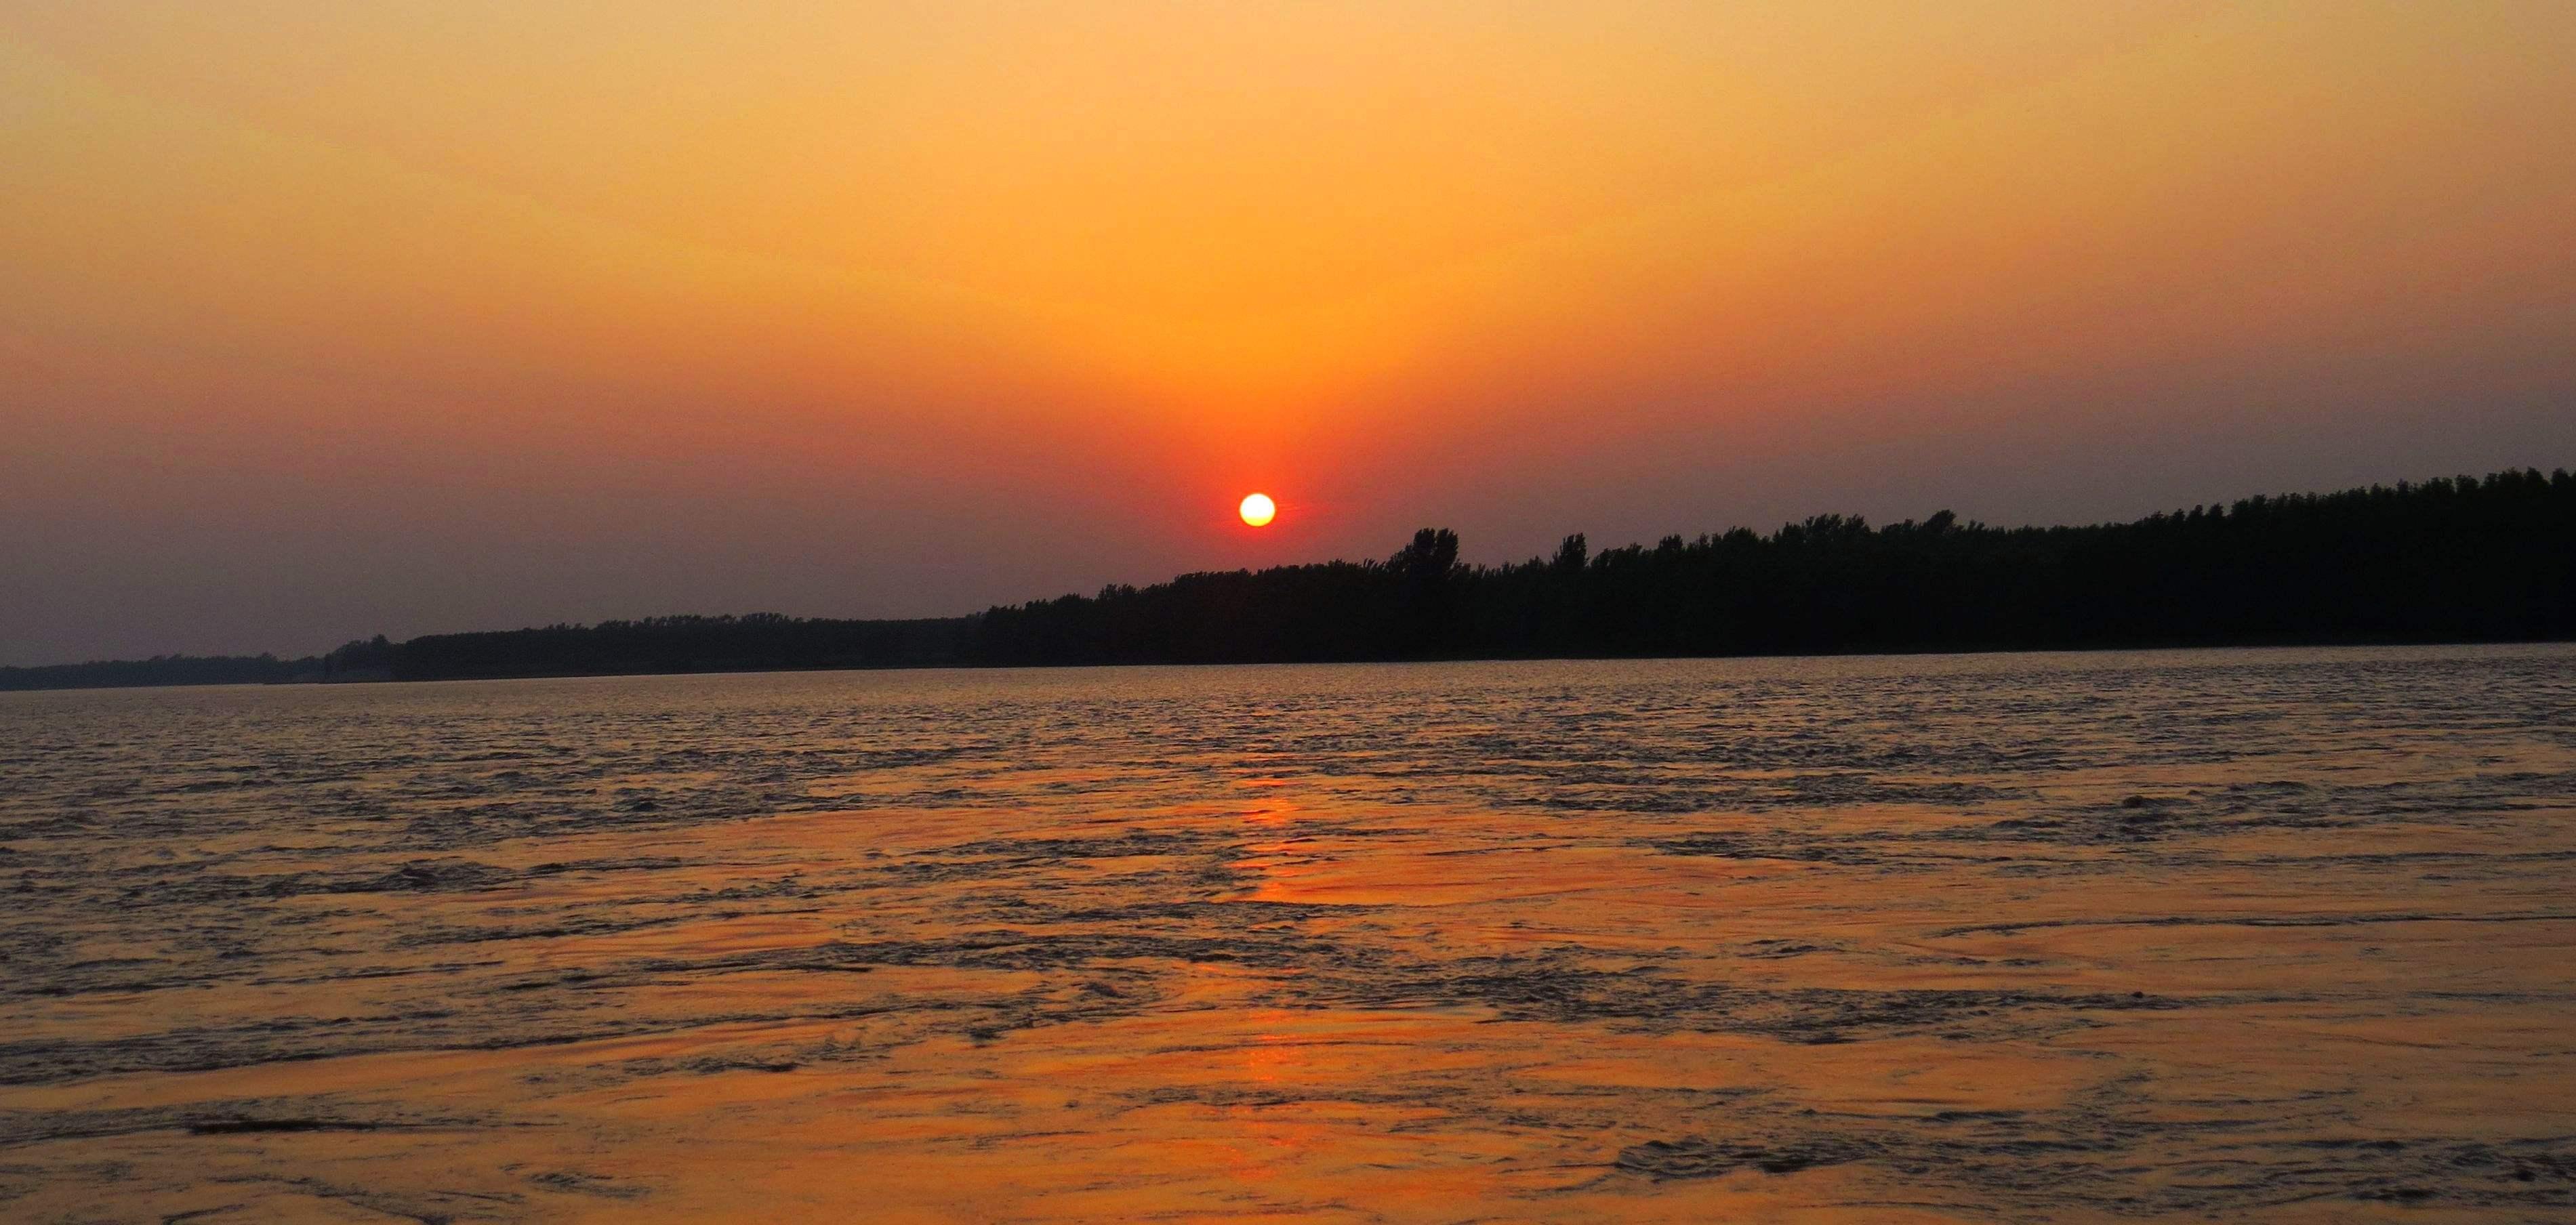 大河不只是大河,是家乡,是回忆,是生我养我的地方